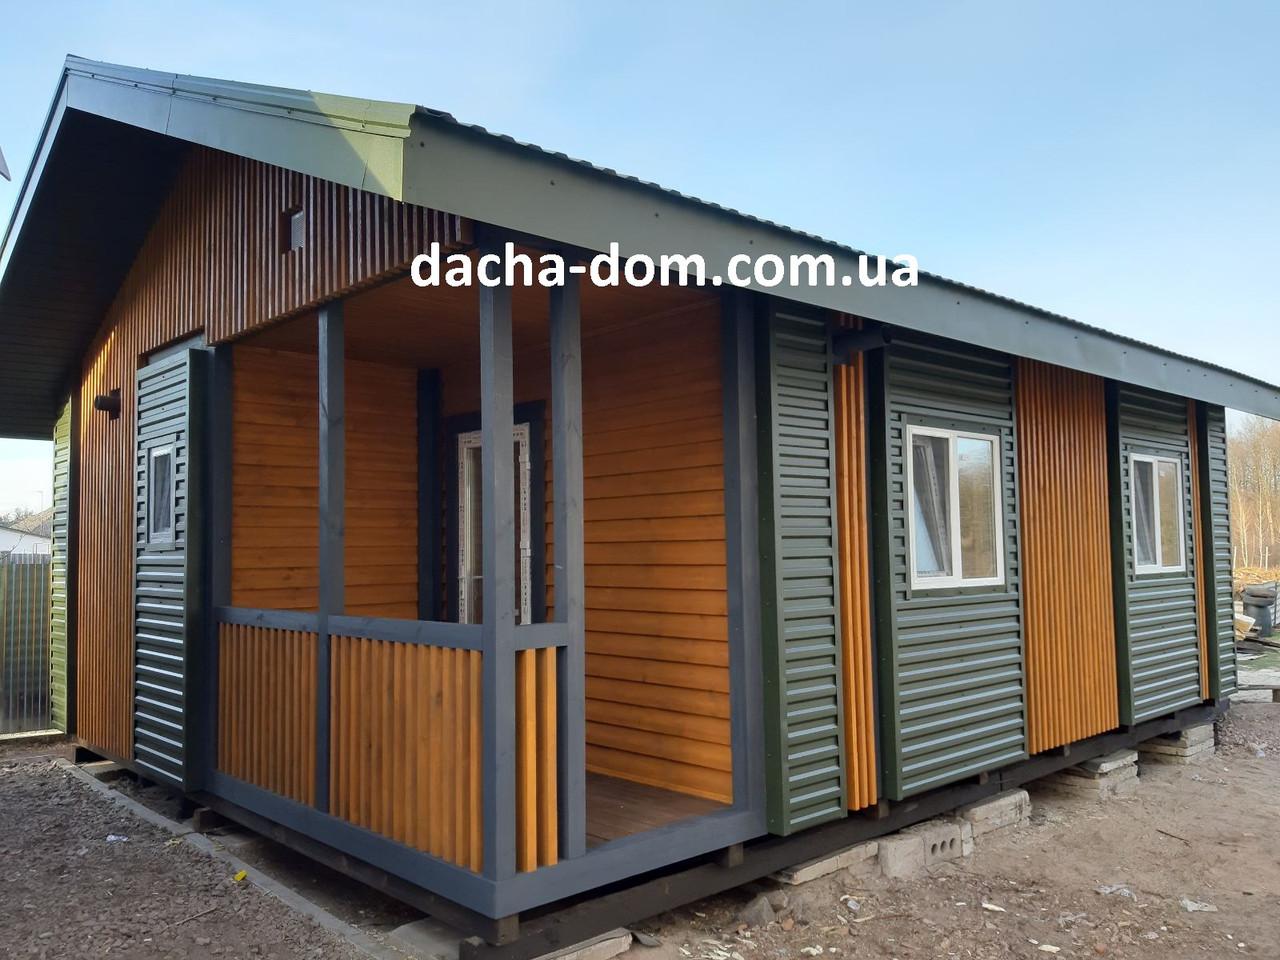 Дачный каркасный дом 6 на 8 - комбинированный.